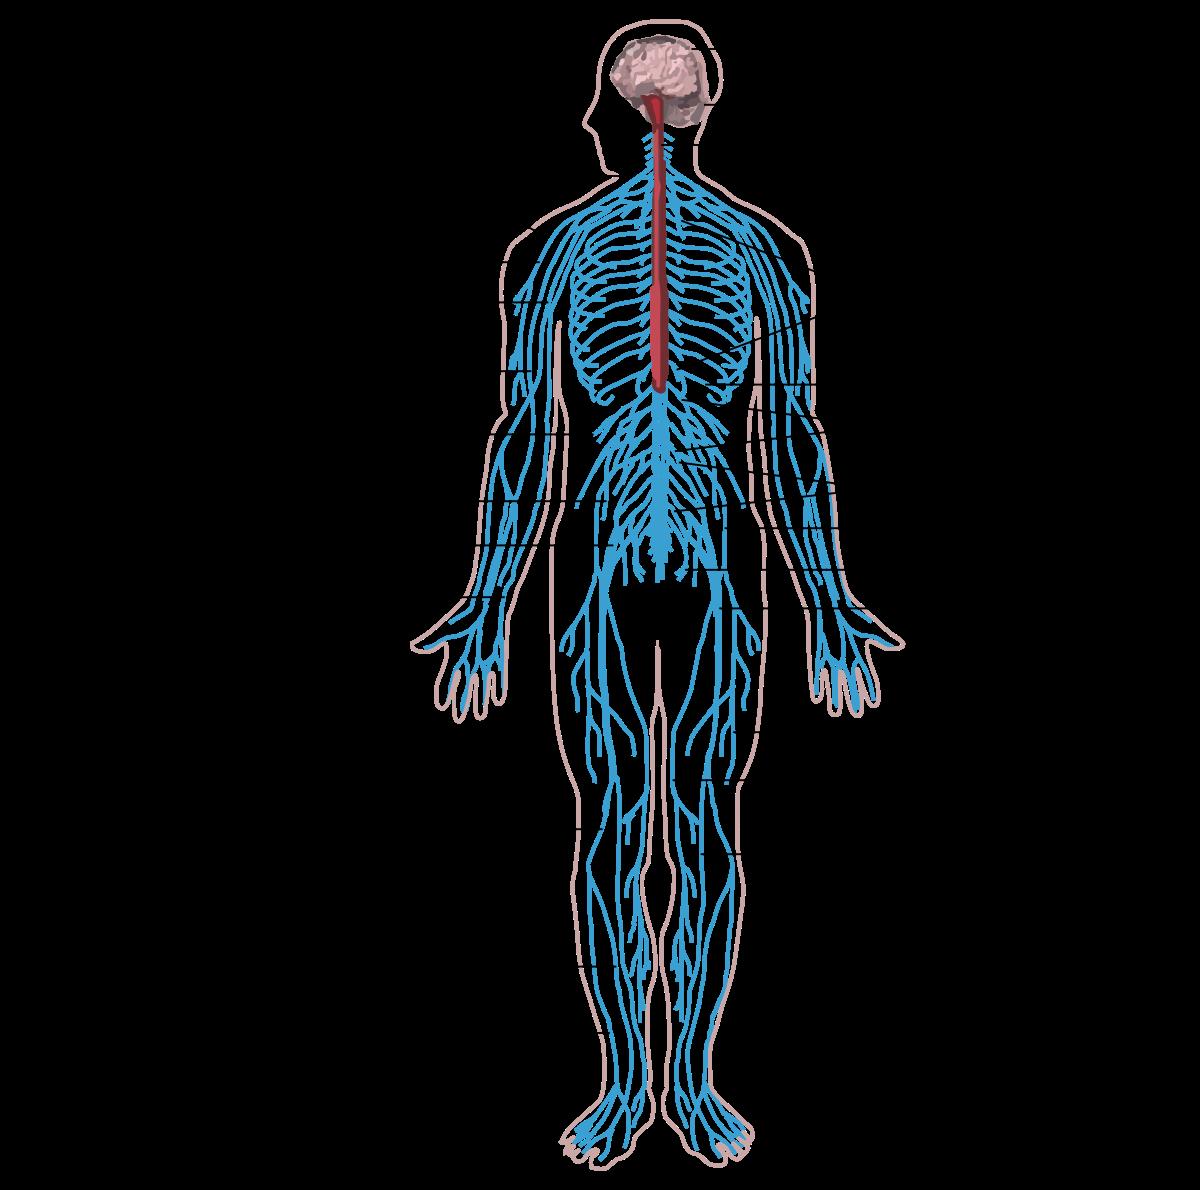 kerekféreg szervei